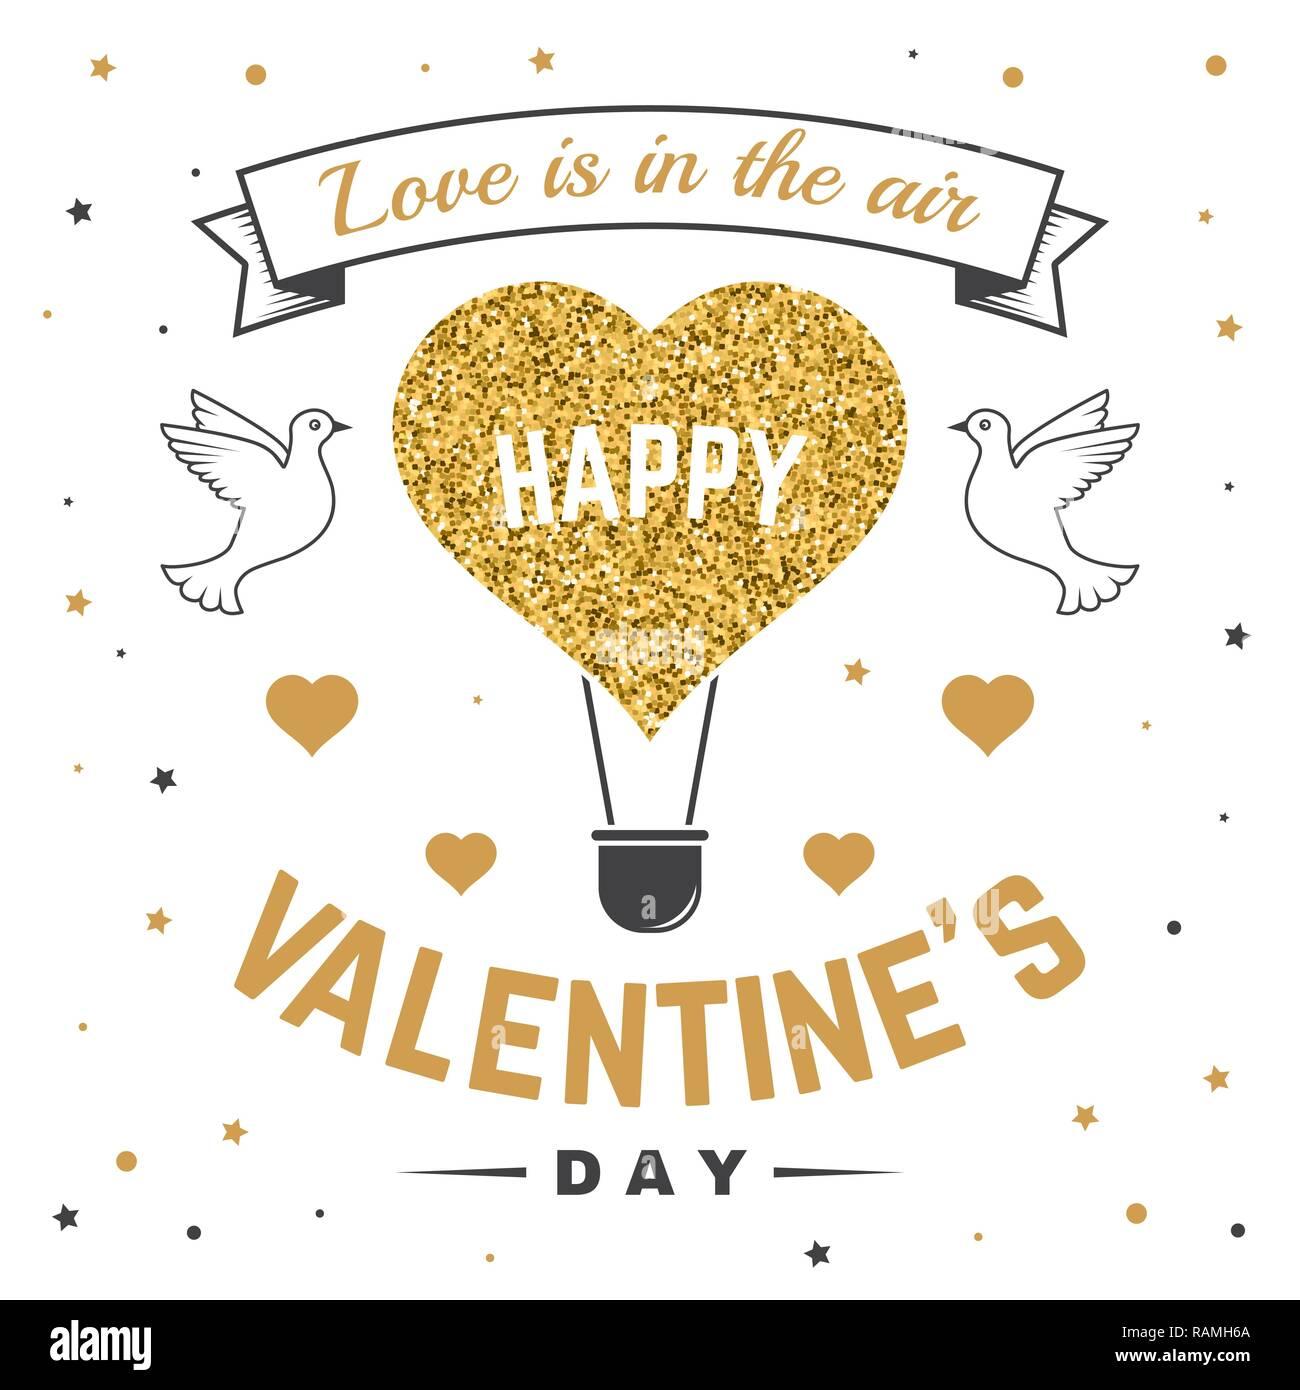 Happy Valentines Day. Tout ce qu'il vous faut, c'est l'amour. Stamp, superposition, badge, autocollant, carte avec les oiseaux et ballon à air chaud. Vecteur. Vintage design Valentines Day célébration romantique dans l'emblème de style rétro. Illustration de Vecteur